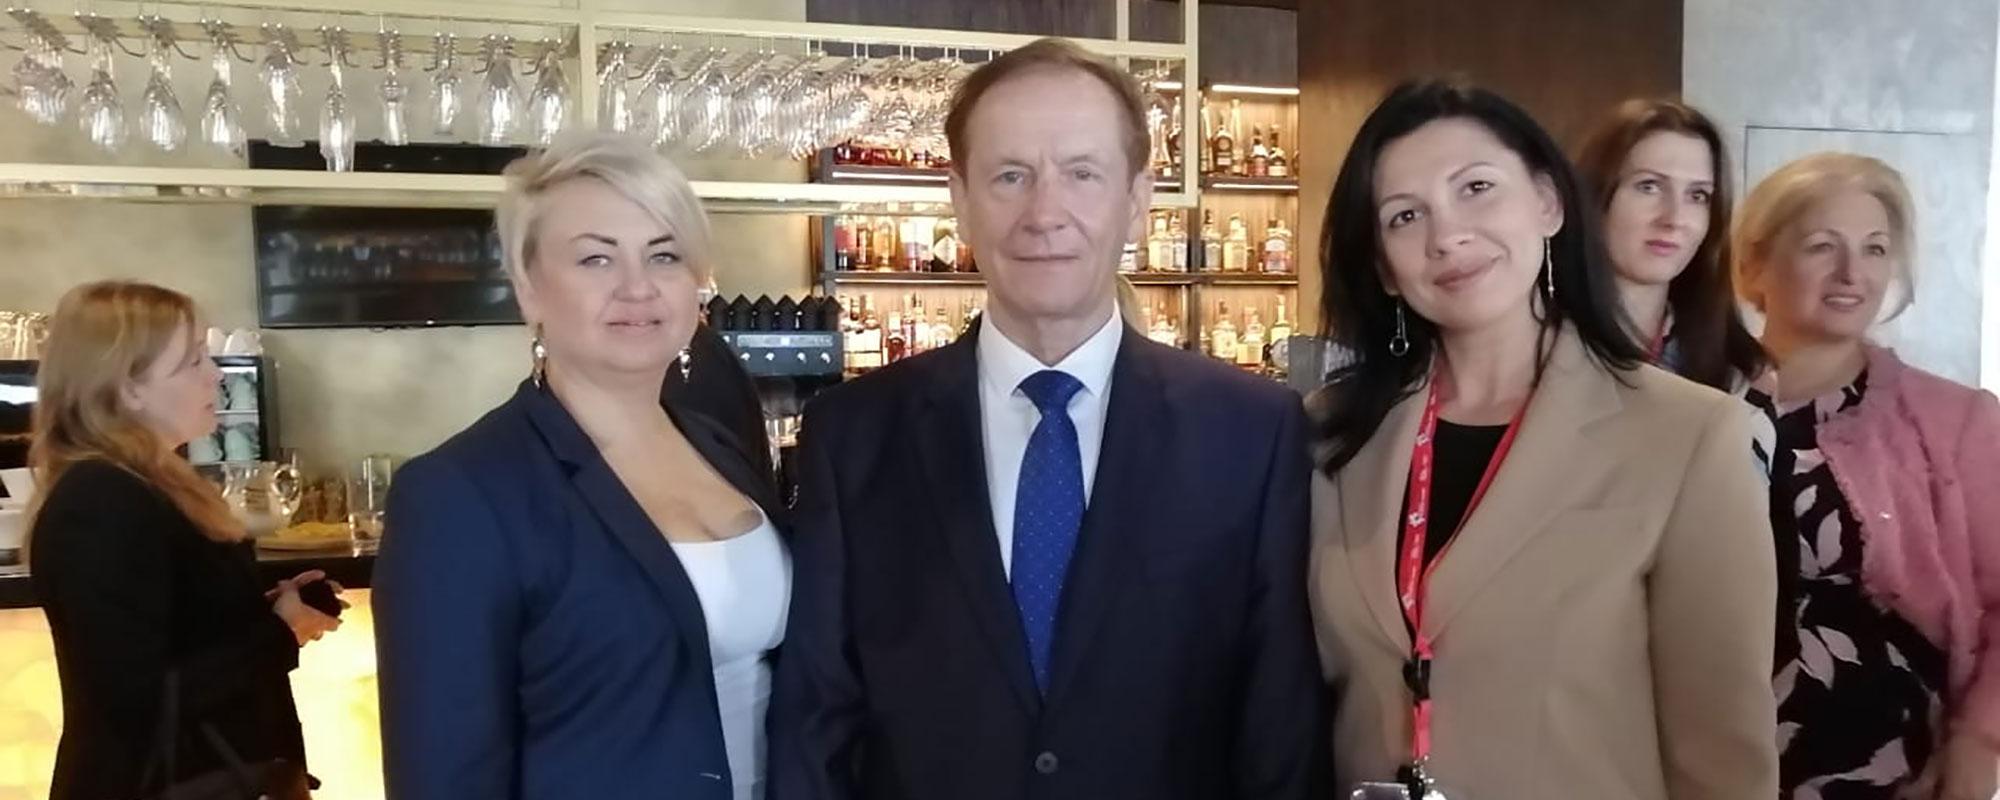 Конференция и двусторонние переговоры между монакскими и ростовскими предпринимателями